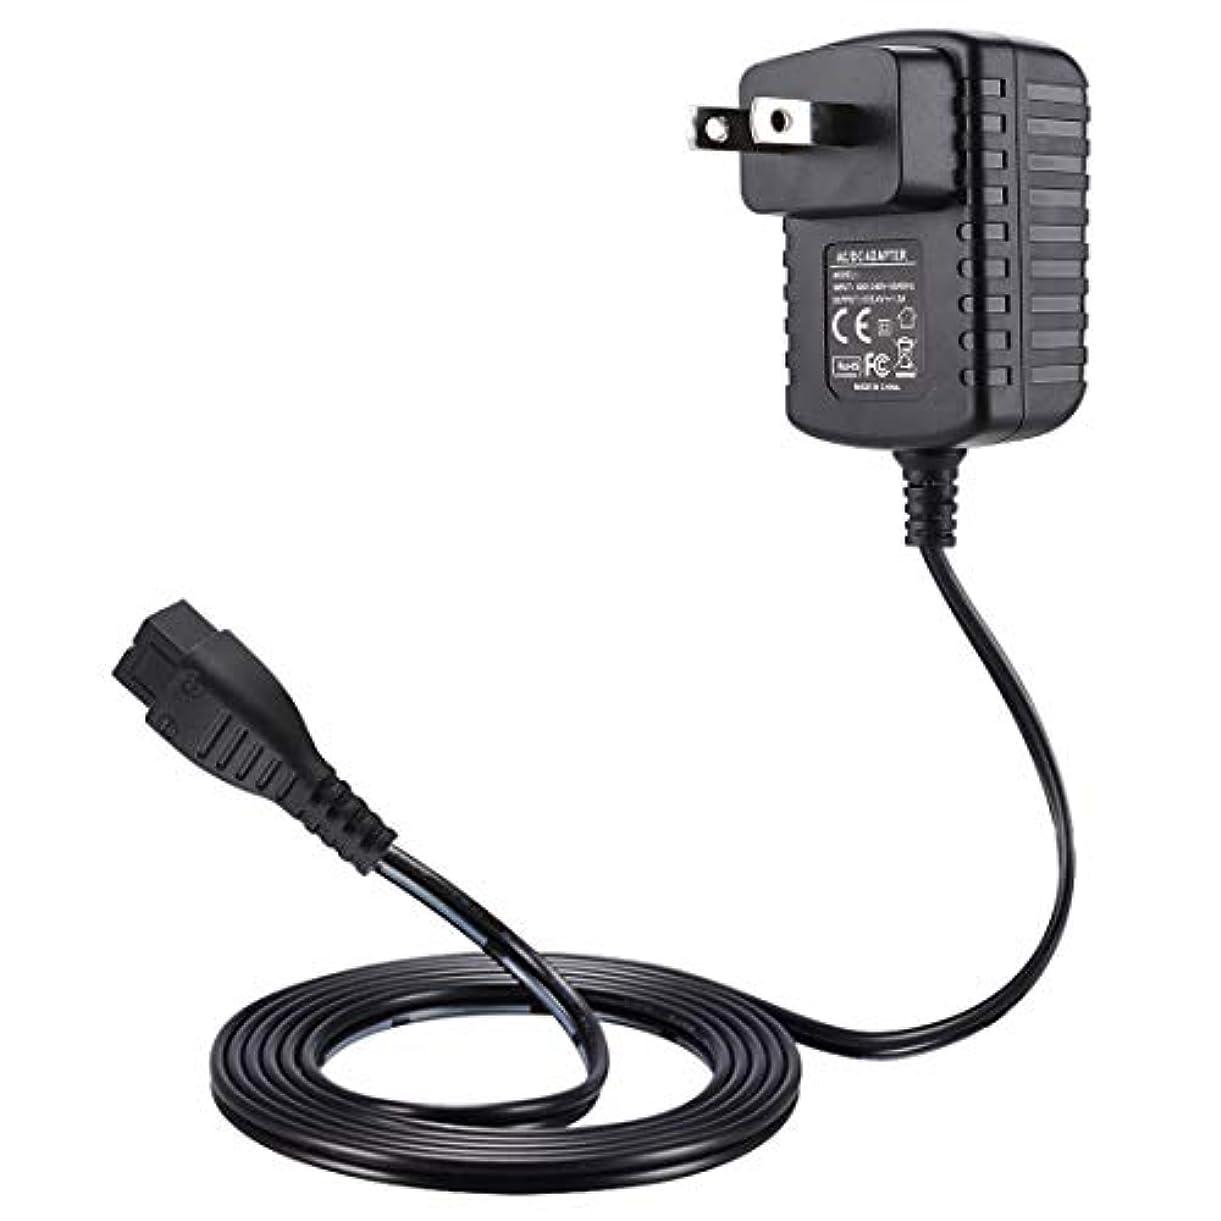 会話型スタッフ並外れたPunasi パナソニック シェーバー対応 5.4V 1.2A Panasonic対応 ACアダプター DCアダプター 5.4V電源アダプター交換用充電器 ES7000 ES8000 シリーズ ES8232 ES8237...